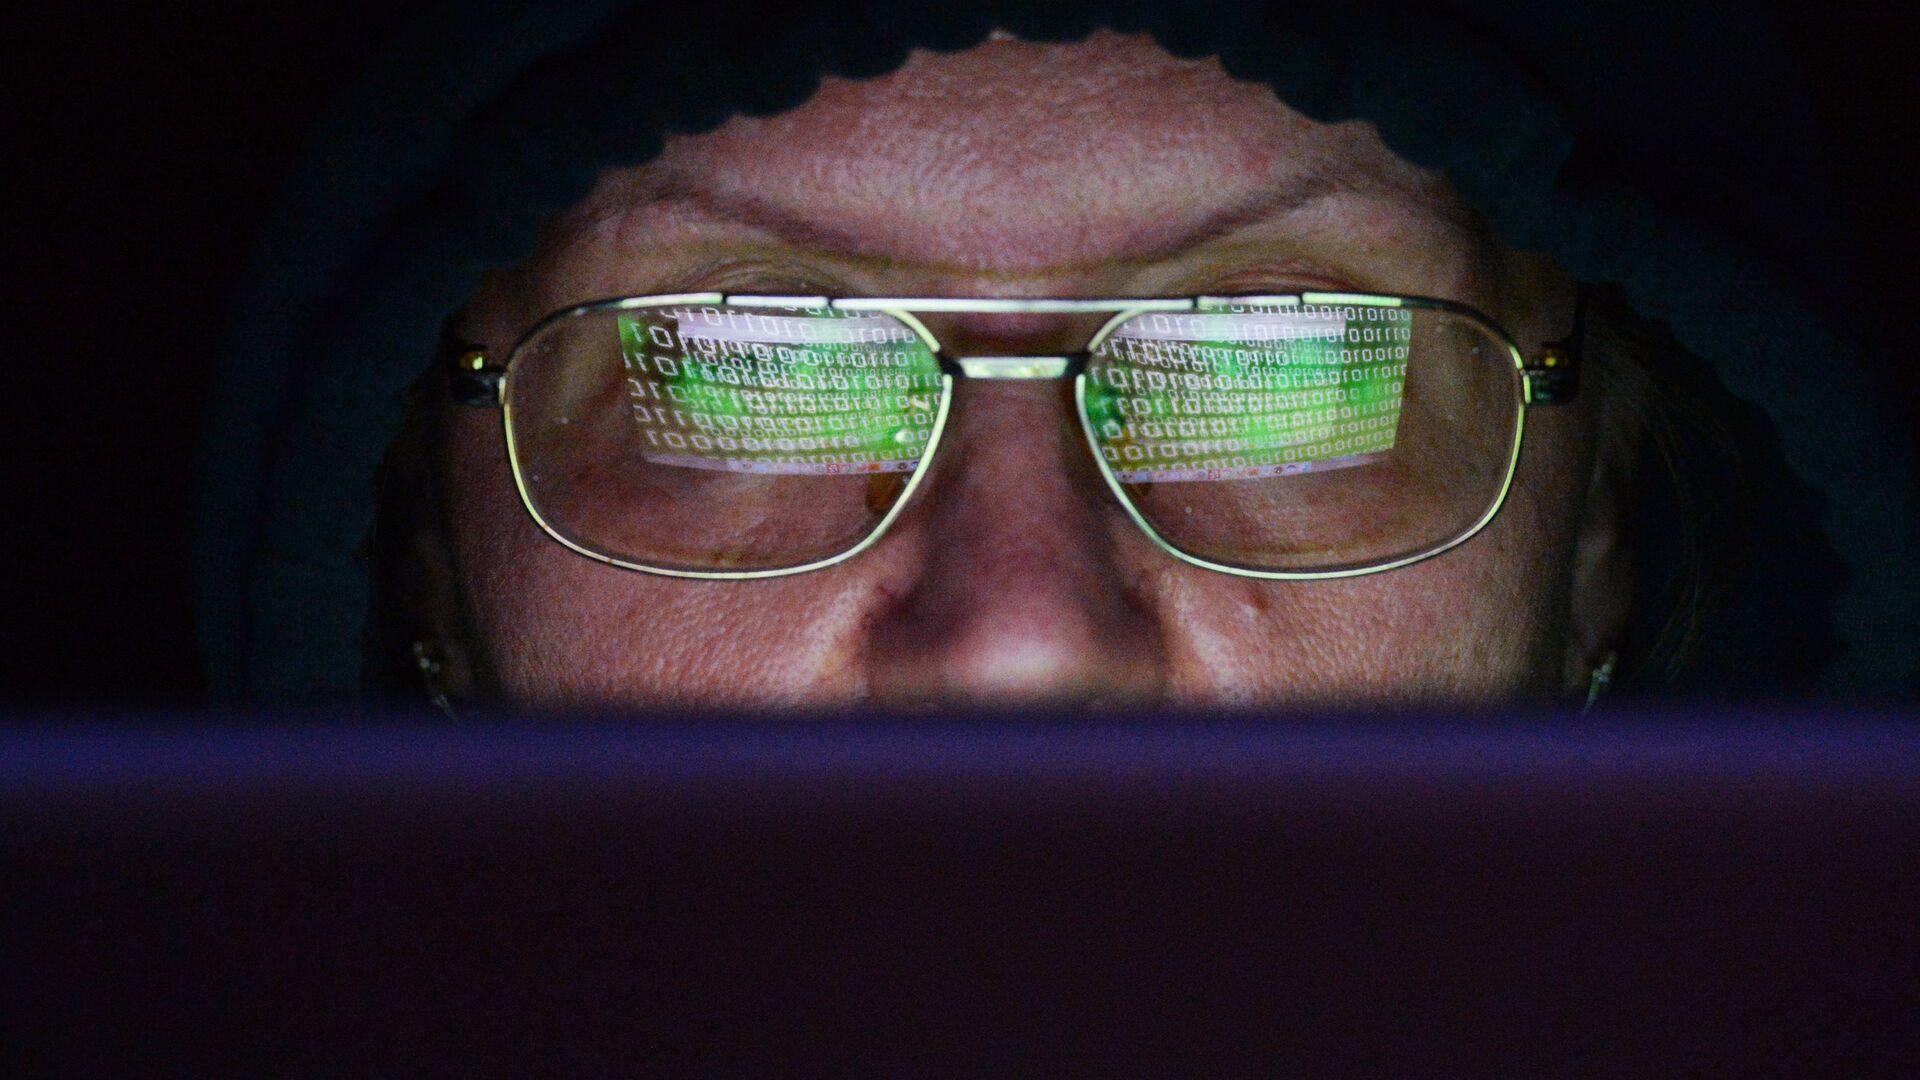 Женщина сидит за ноутбуком. Глобальная атака вируса-вымогателя поразила IT-системы компаний в нескольких странах мира - РИА Новости, 1920, 06.04.2021